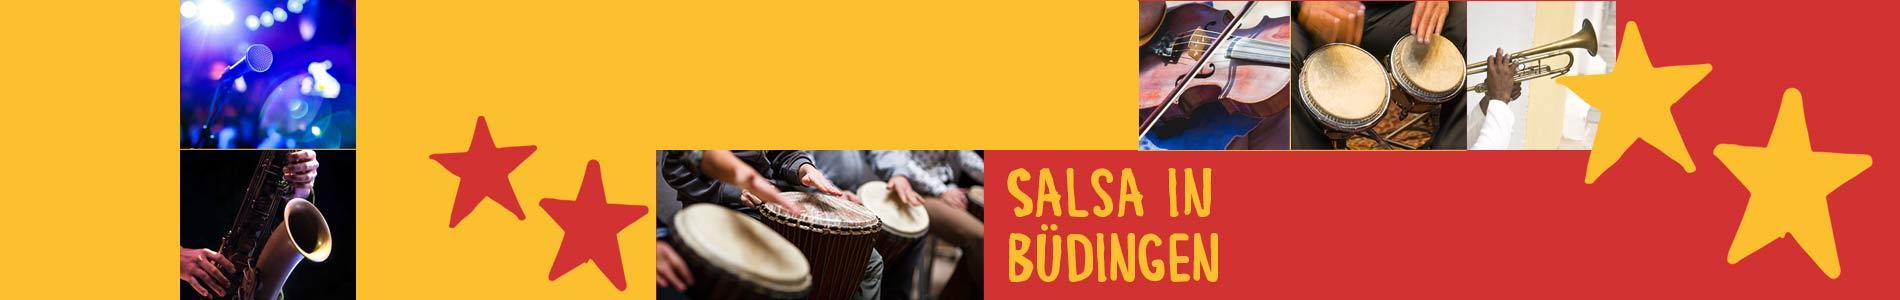 Salsa in Büdingen – Salsa lernen und tanzen, Tanzkurse, Partys, Veranstaltungen